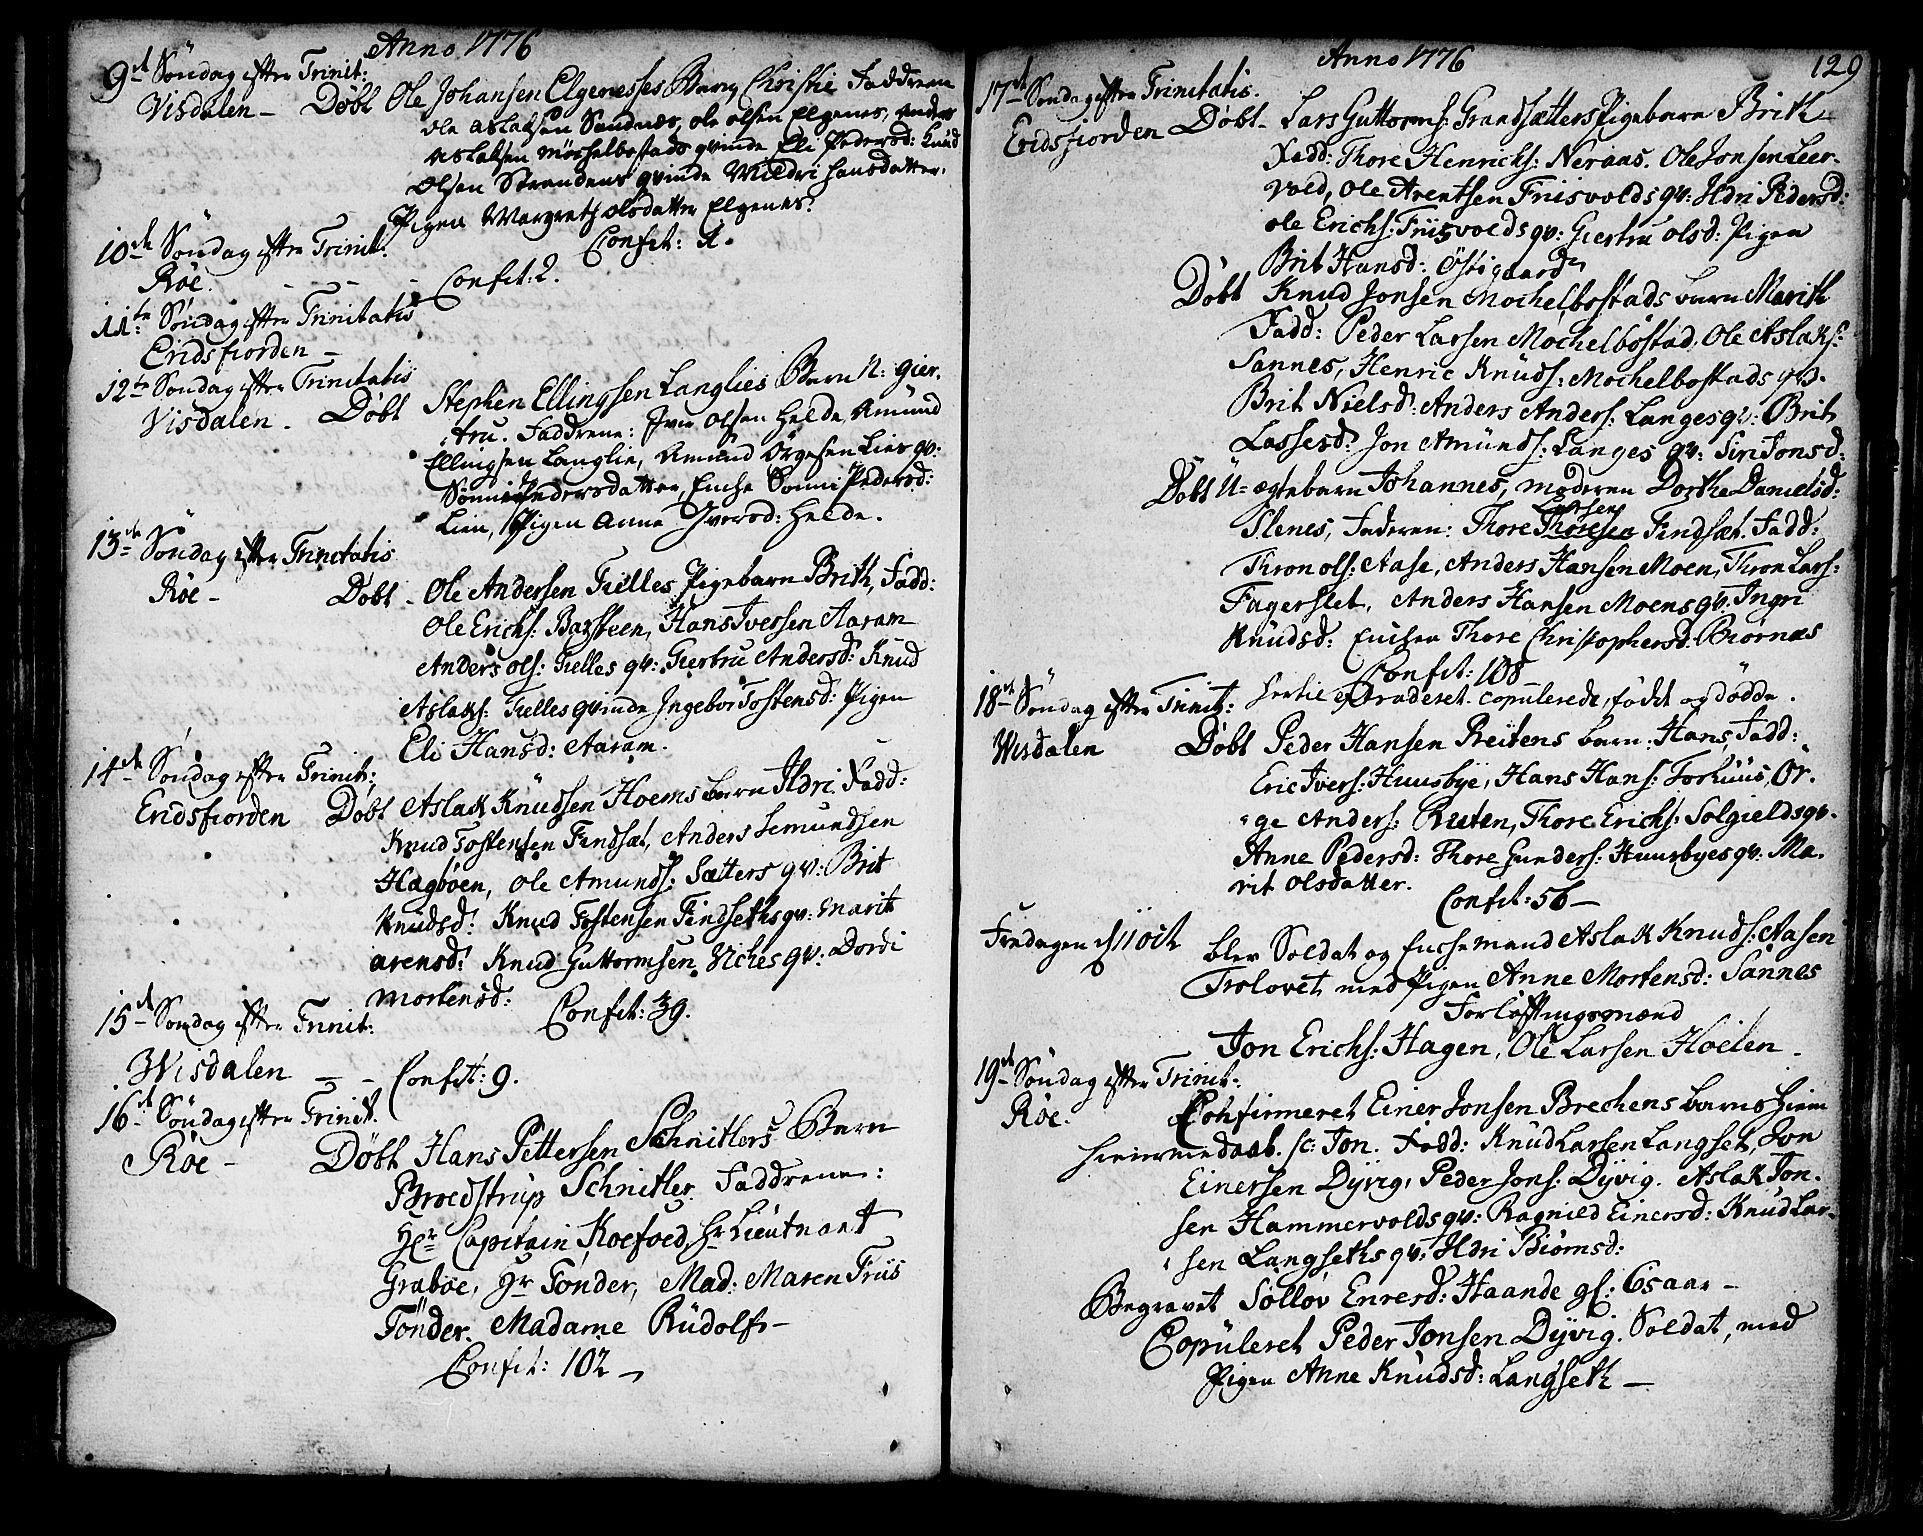 SAT, Ministerialprotokoller, klokkerbøker og fødselsregistre - Møre og Romsdal, 551/L0621: Ministerialbok nr. 551A01, 1757-1803, s. 129